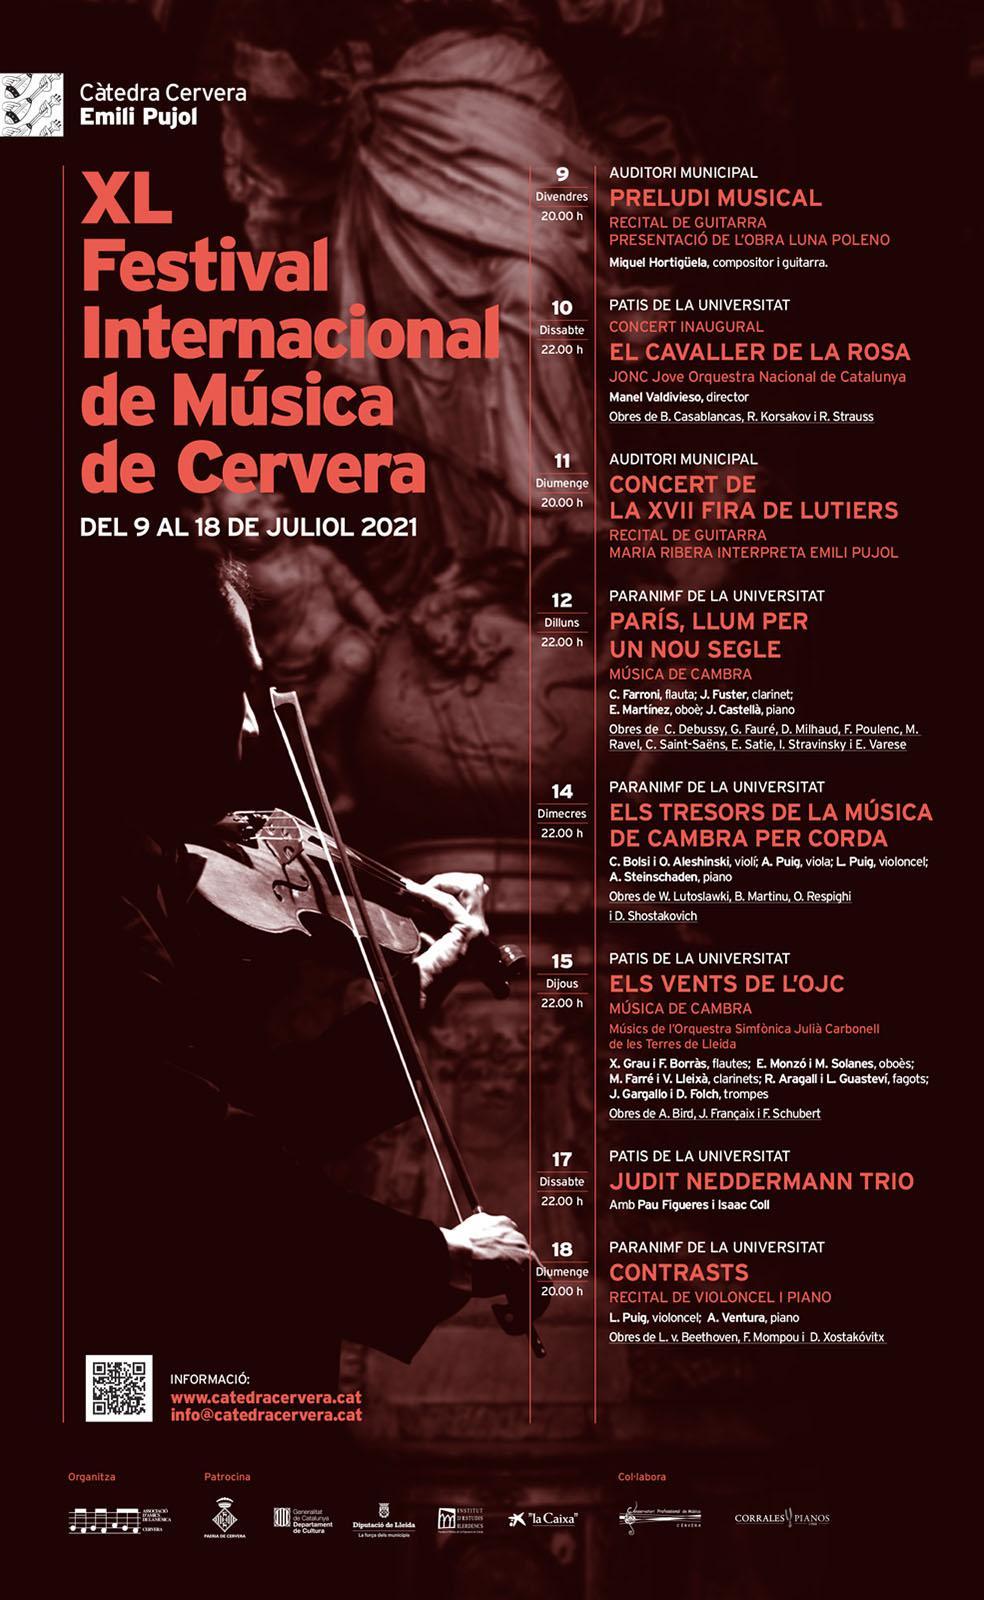 cartell XL Festival Internacional de Música de Cervera